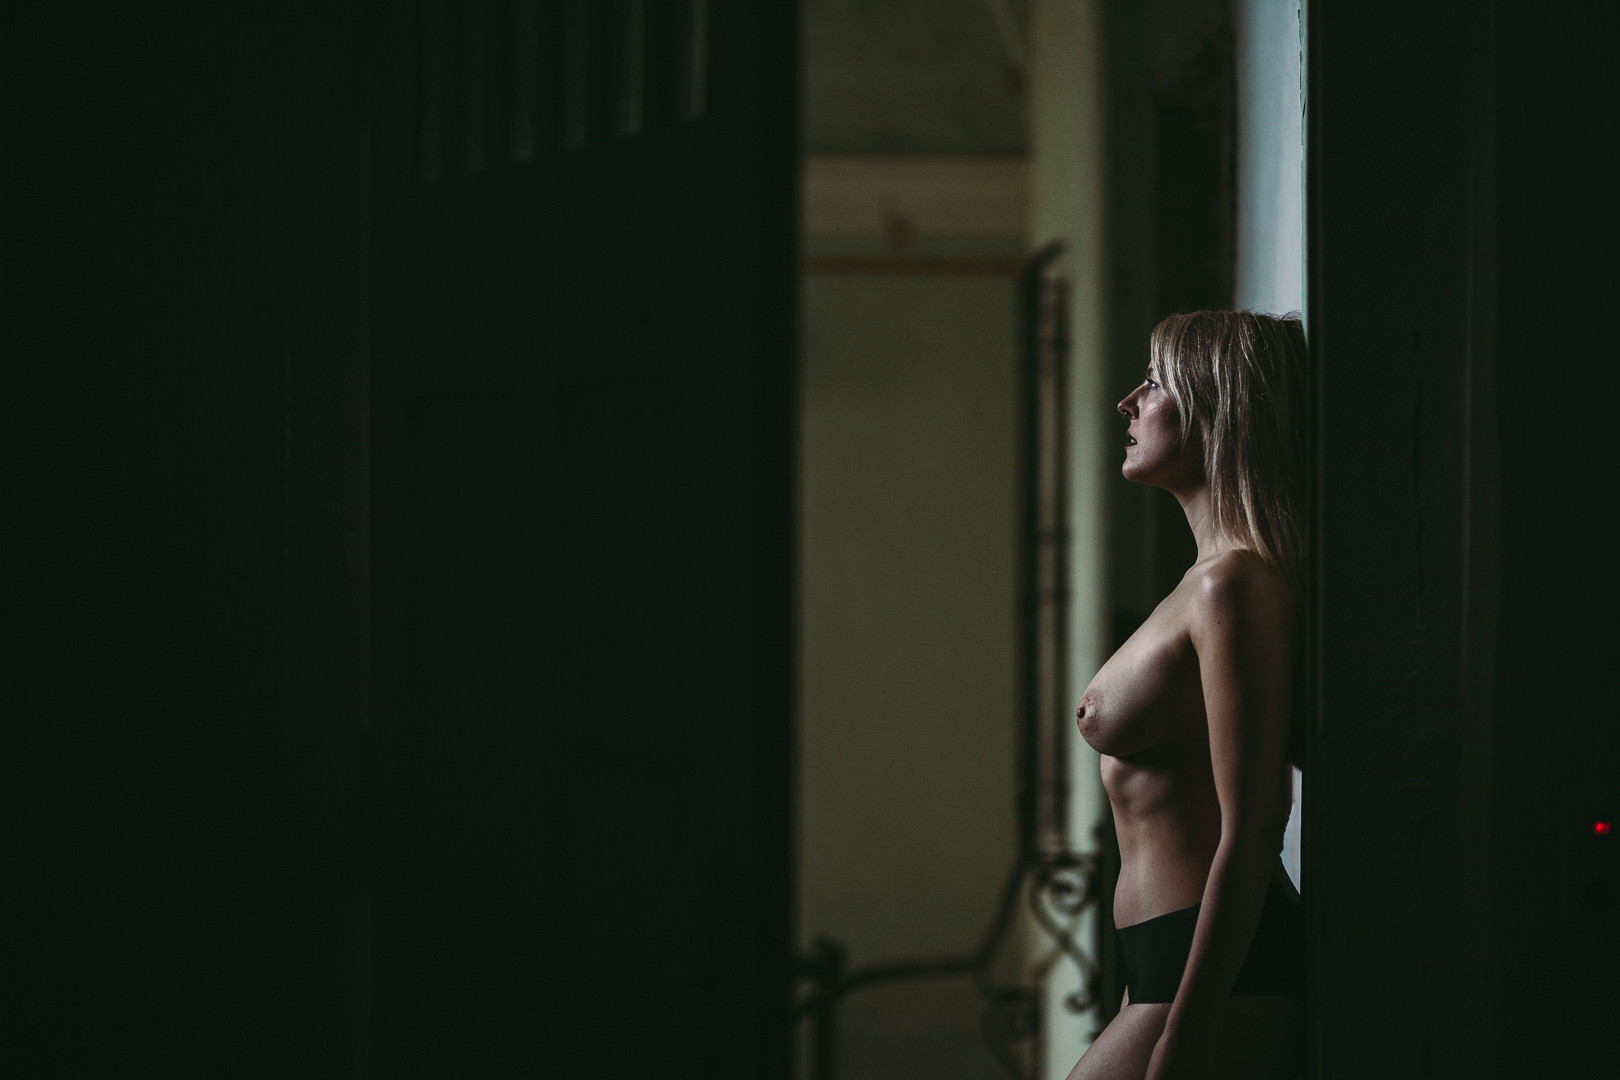 nude on location 03